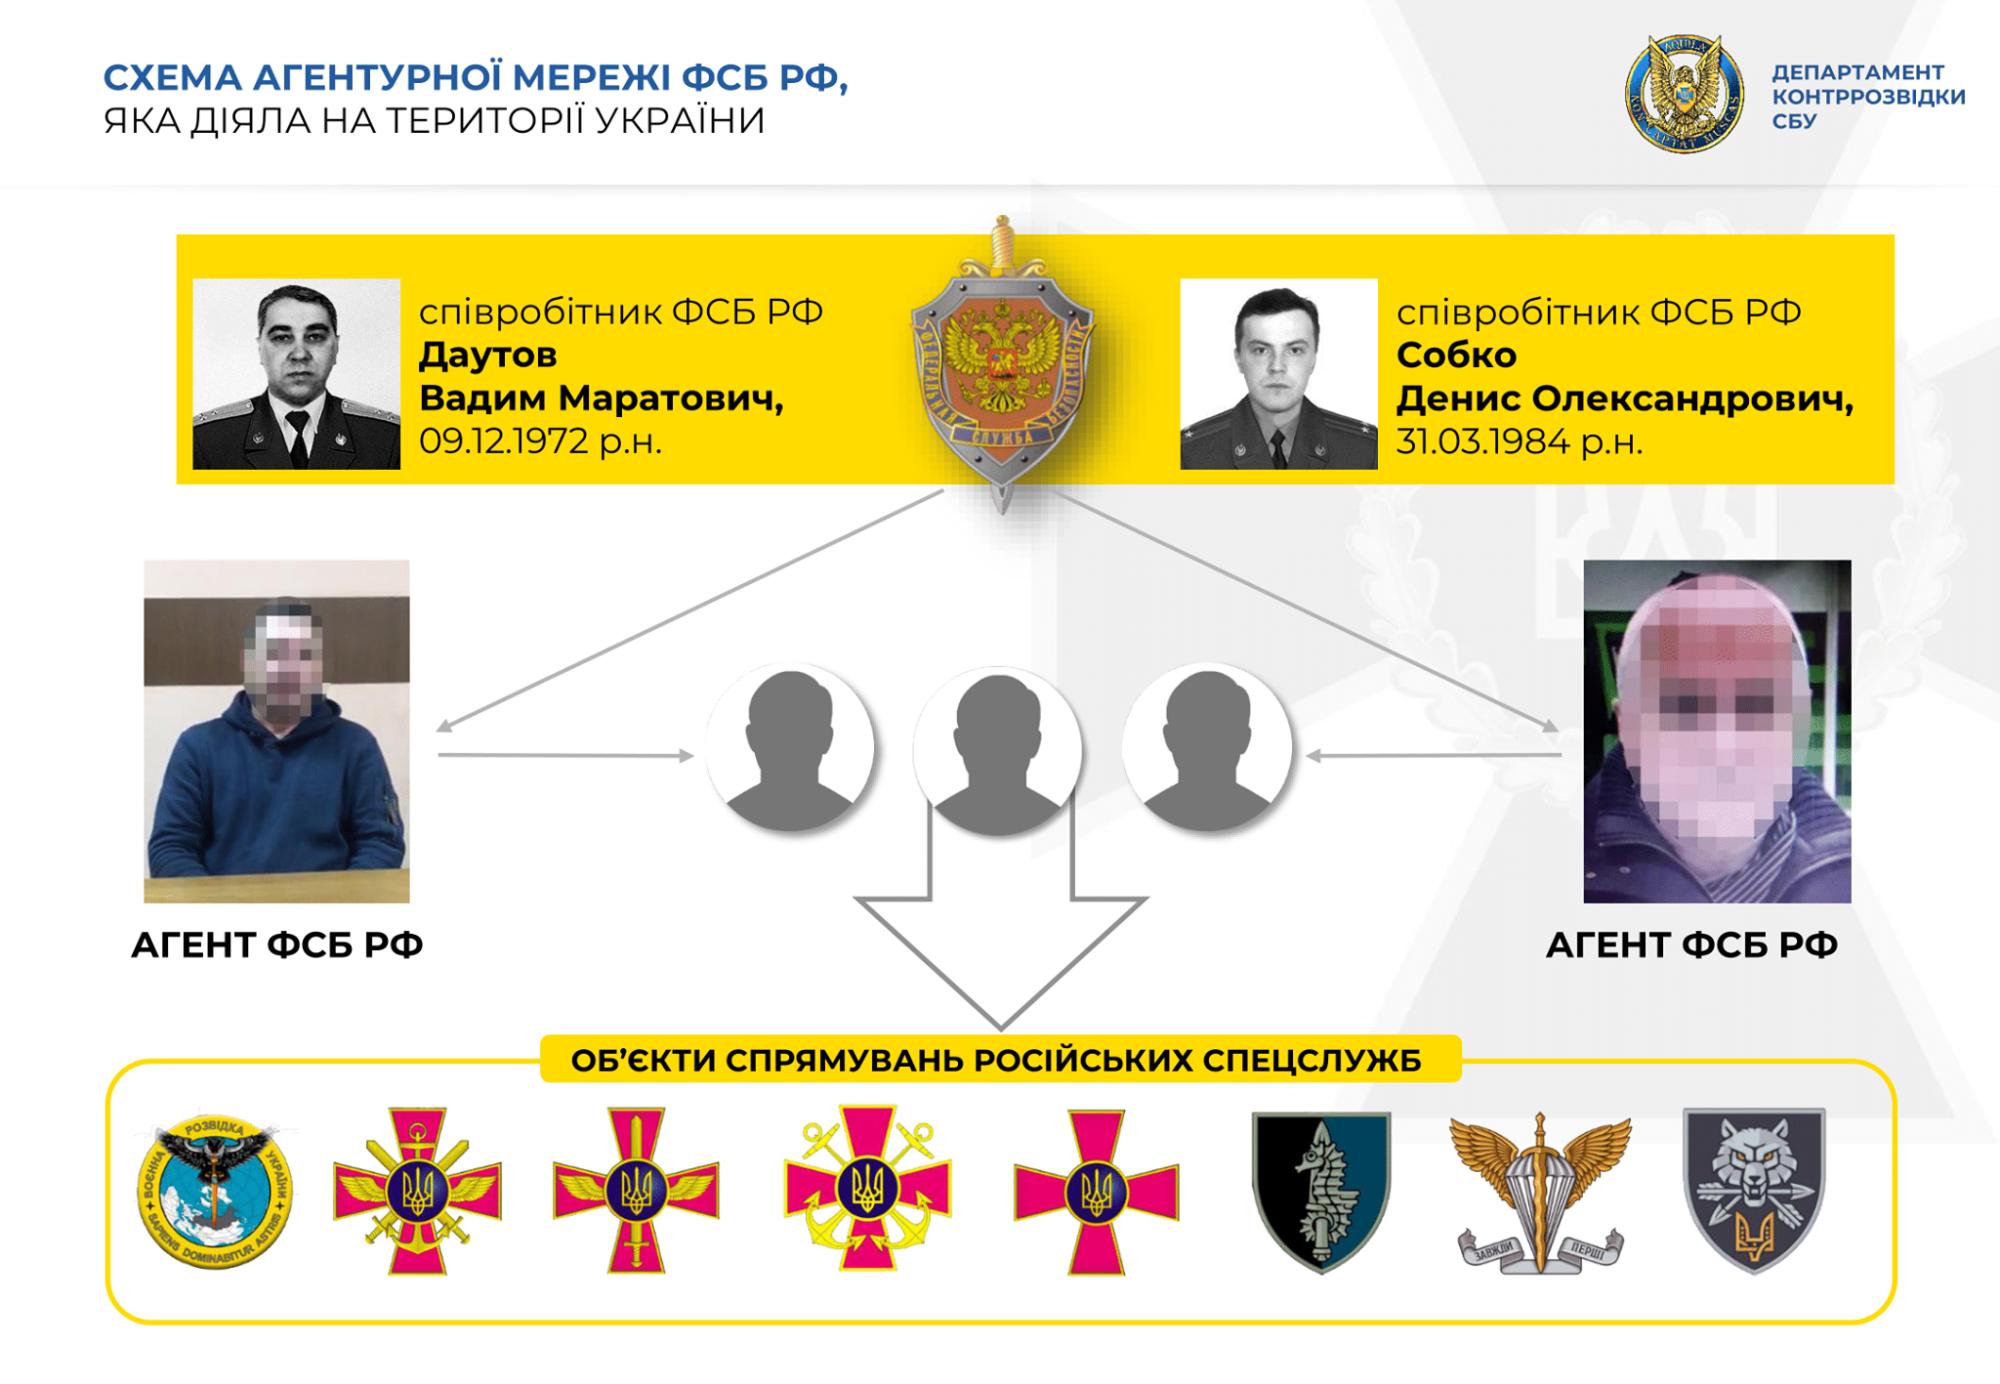 До агентурної мережі ФСБ входили  колишні українські військові: викриття СБУ - СБУ, Росія, Розслідування - 146917333 2932300880333231 3249219604985080551 o 2000x1384